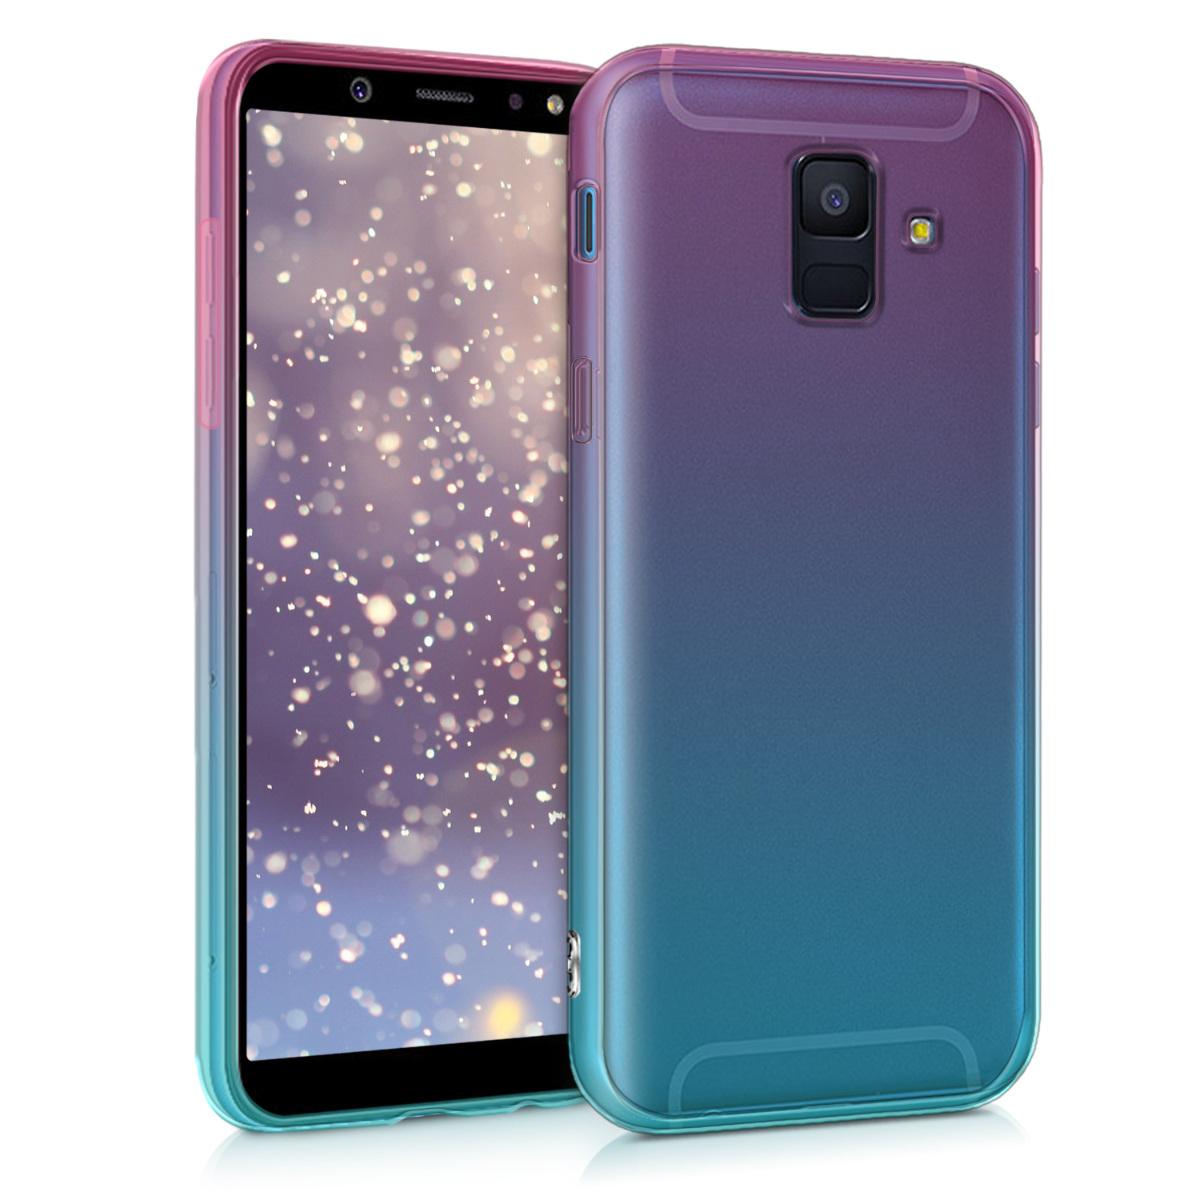 Kvalitní silikonové TPU pouzdro pro Samsung A6 (2018) - Bicolor tmavě růžová / modré / průhledná